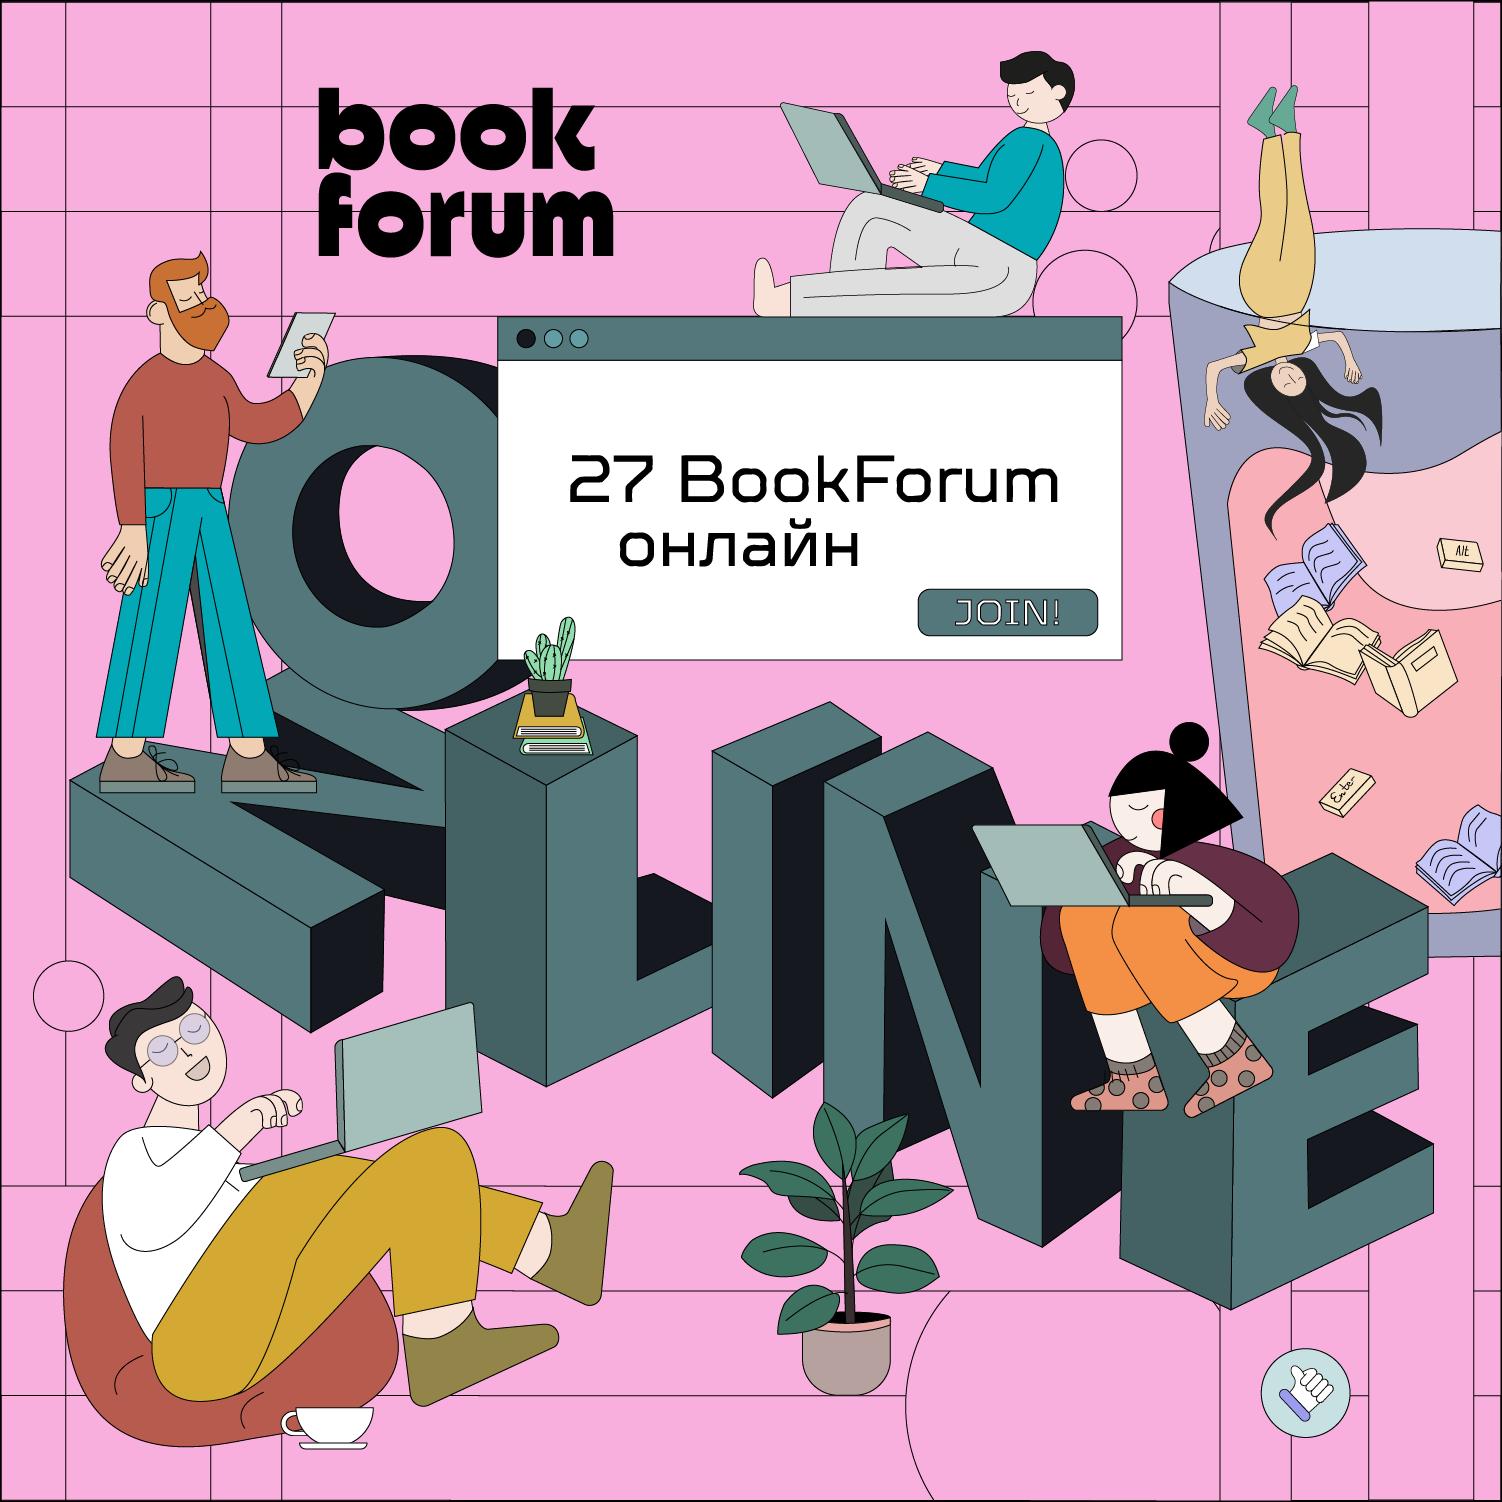 27 BookForum відбудеться у вересні — вперше в онлайн-форматі